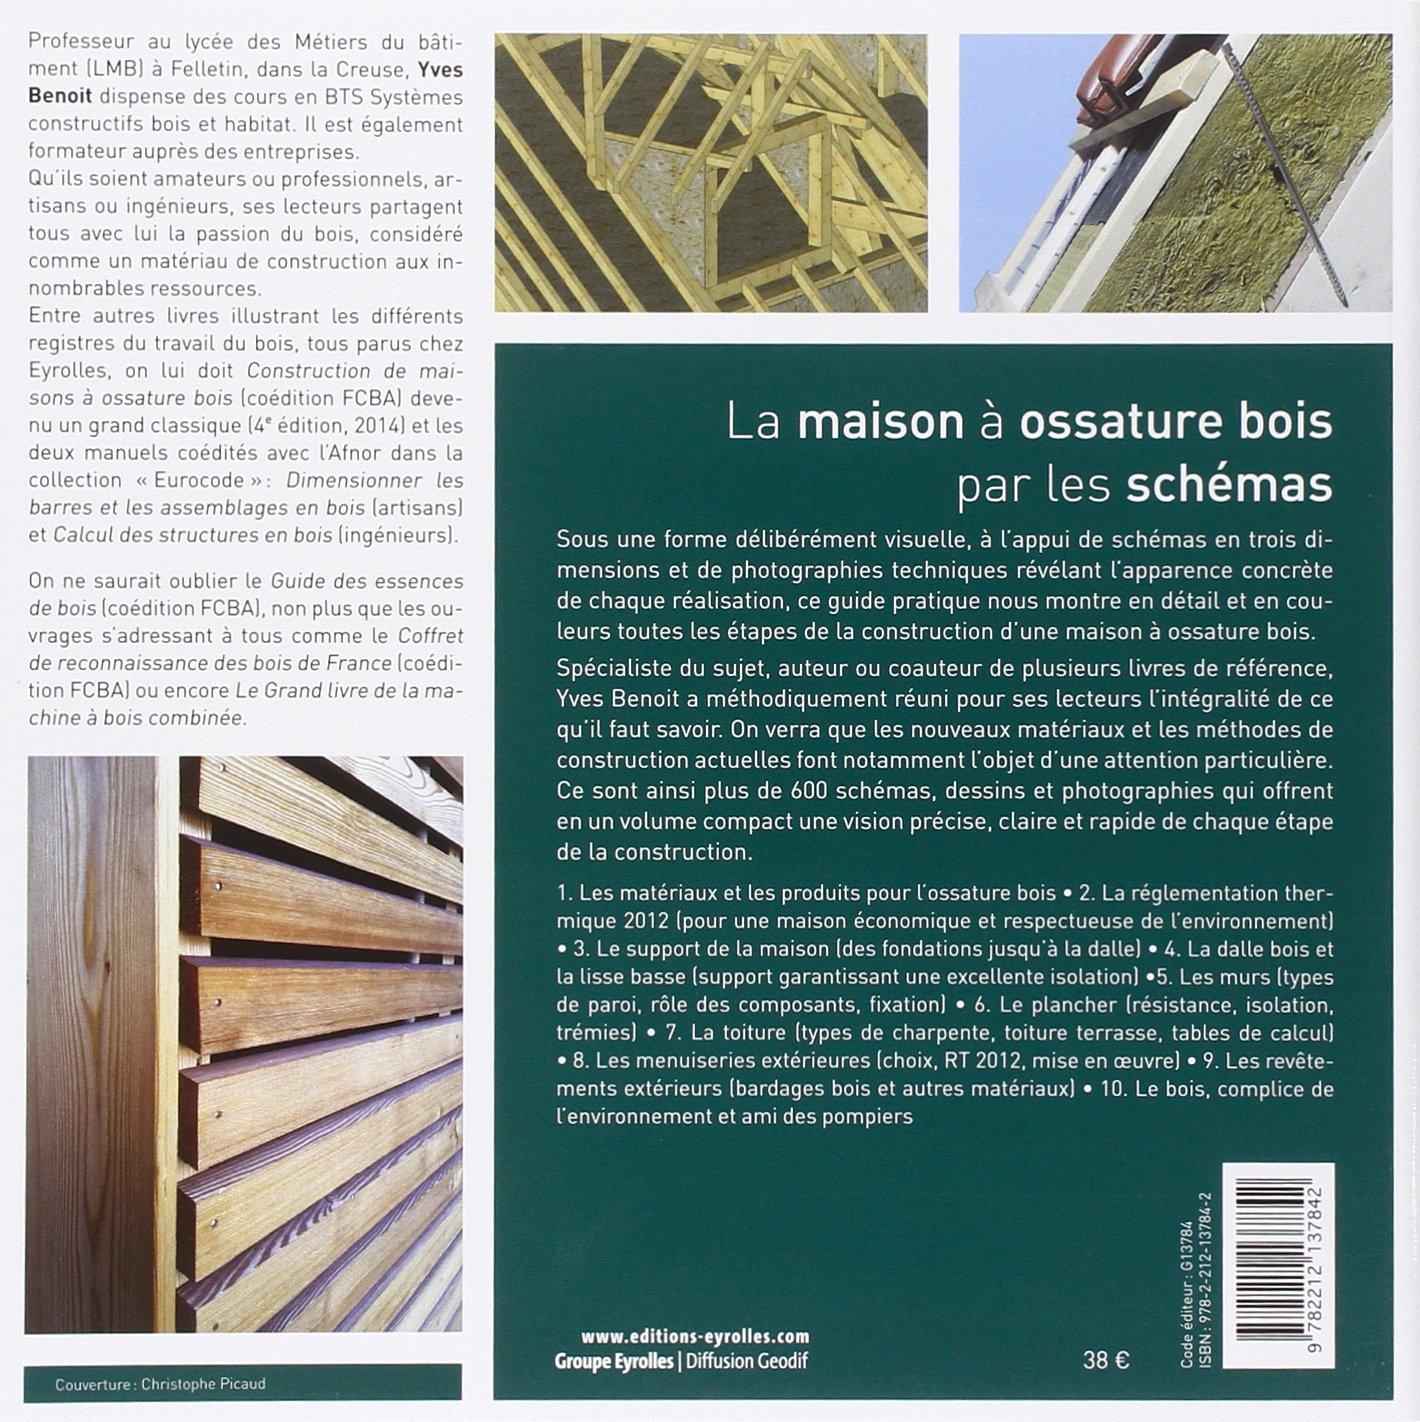 Construction maison ossature bois yves benoit for Livre construction bois